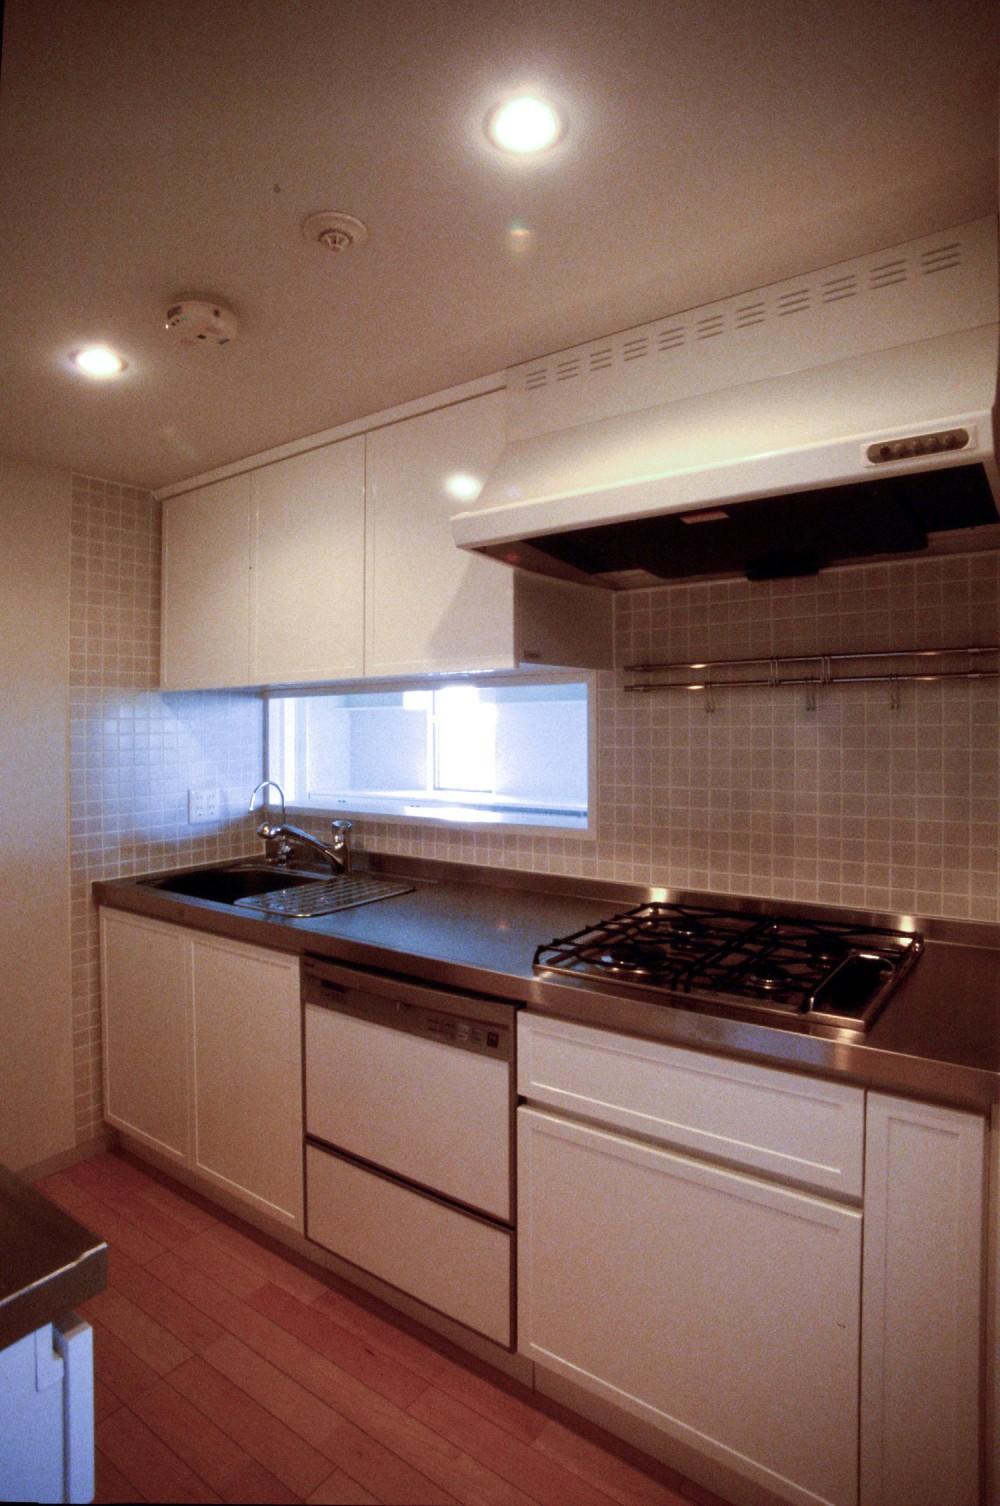 東京中野 ミニマル・シンプルな空間へマンションリノベーション (キッチン)